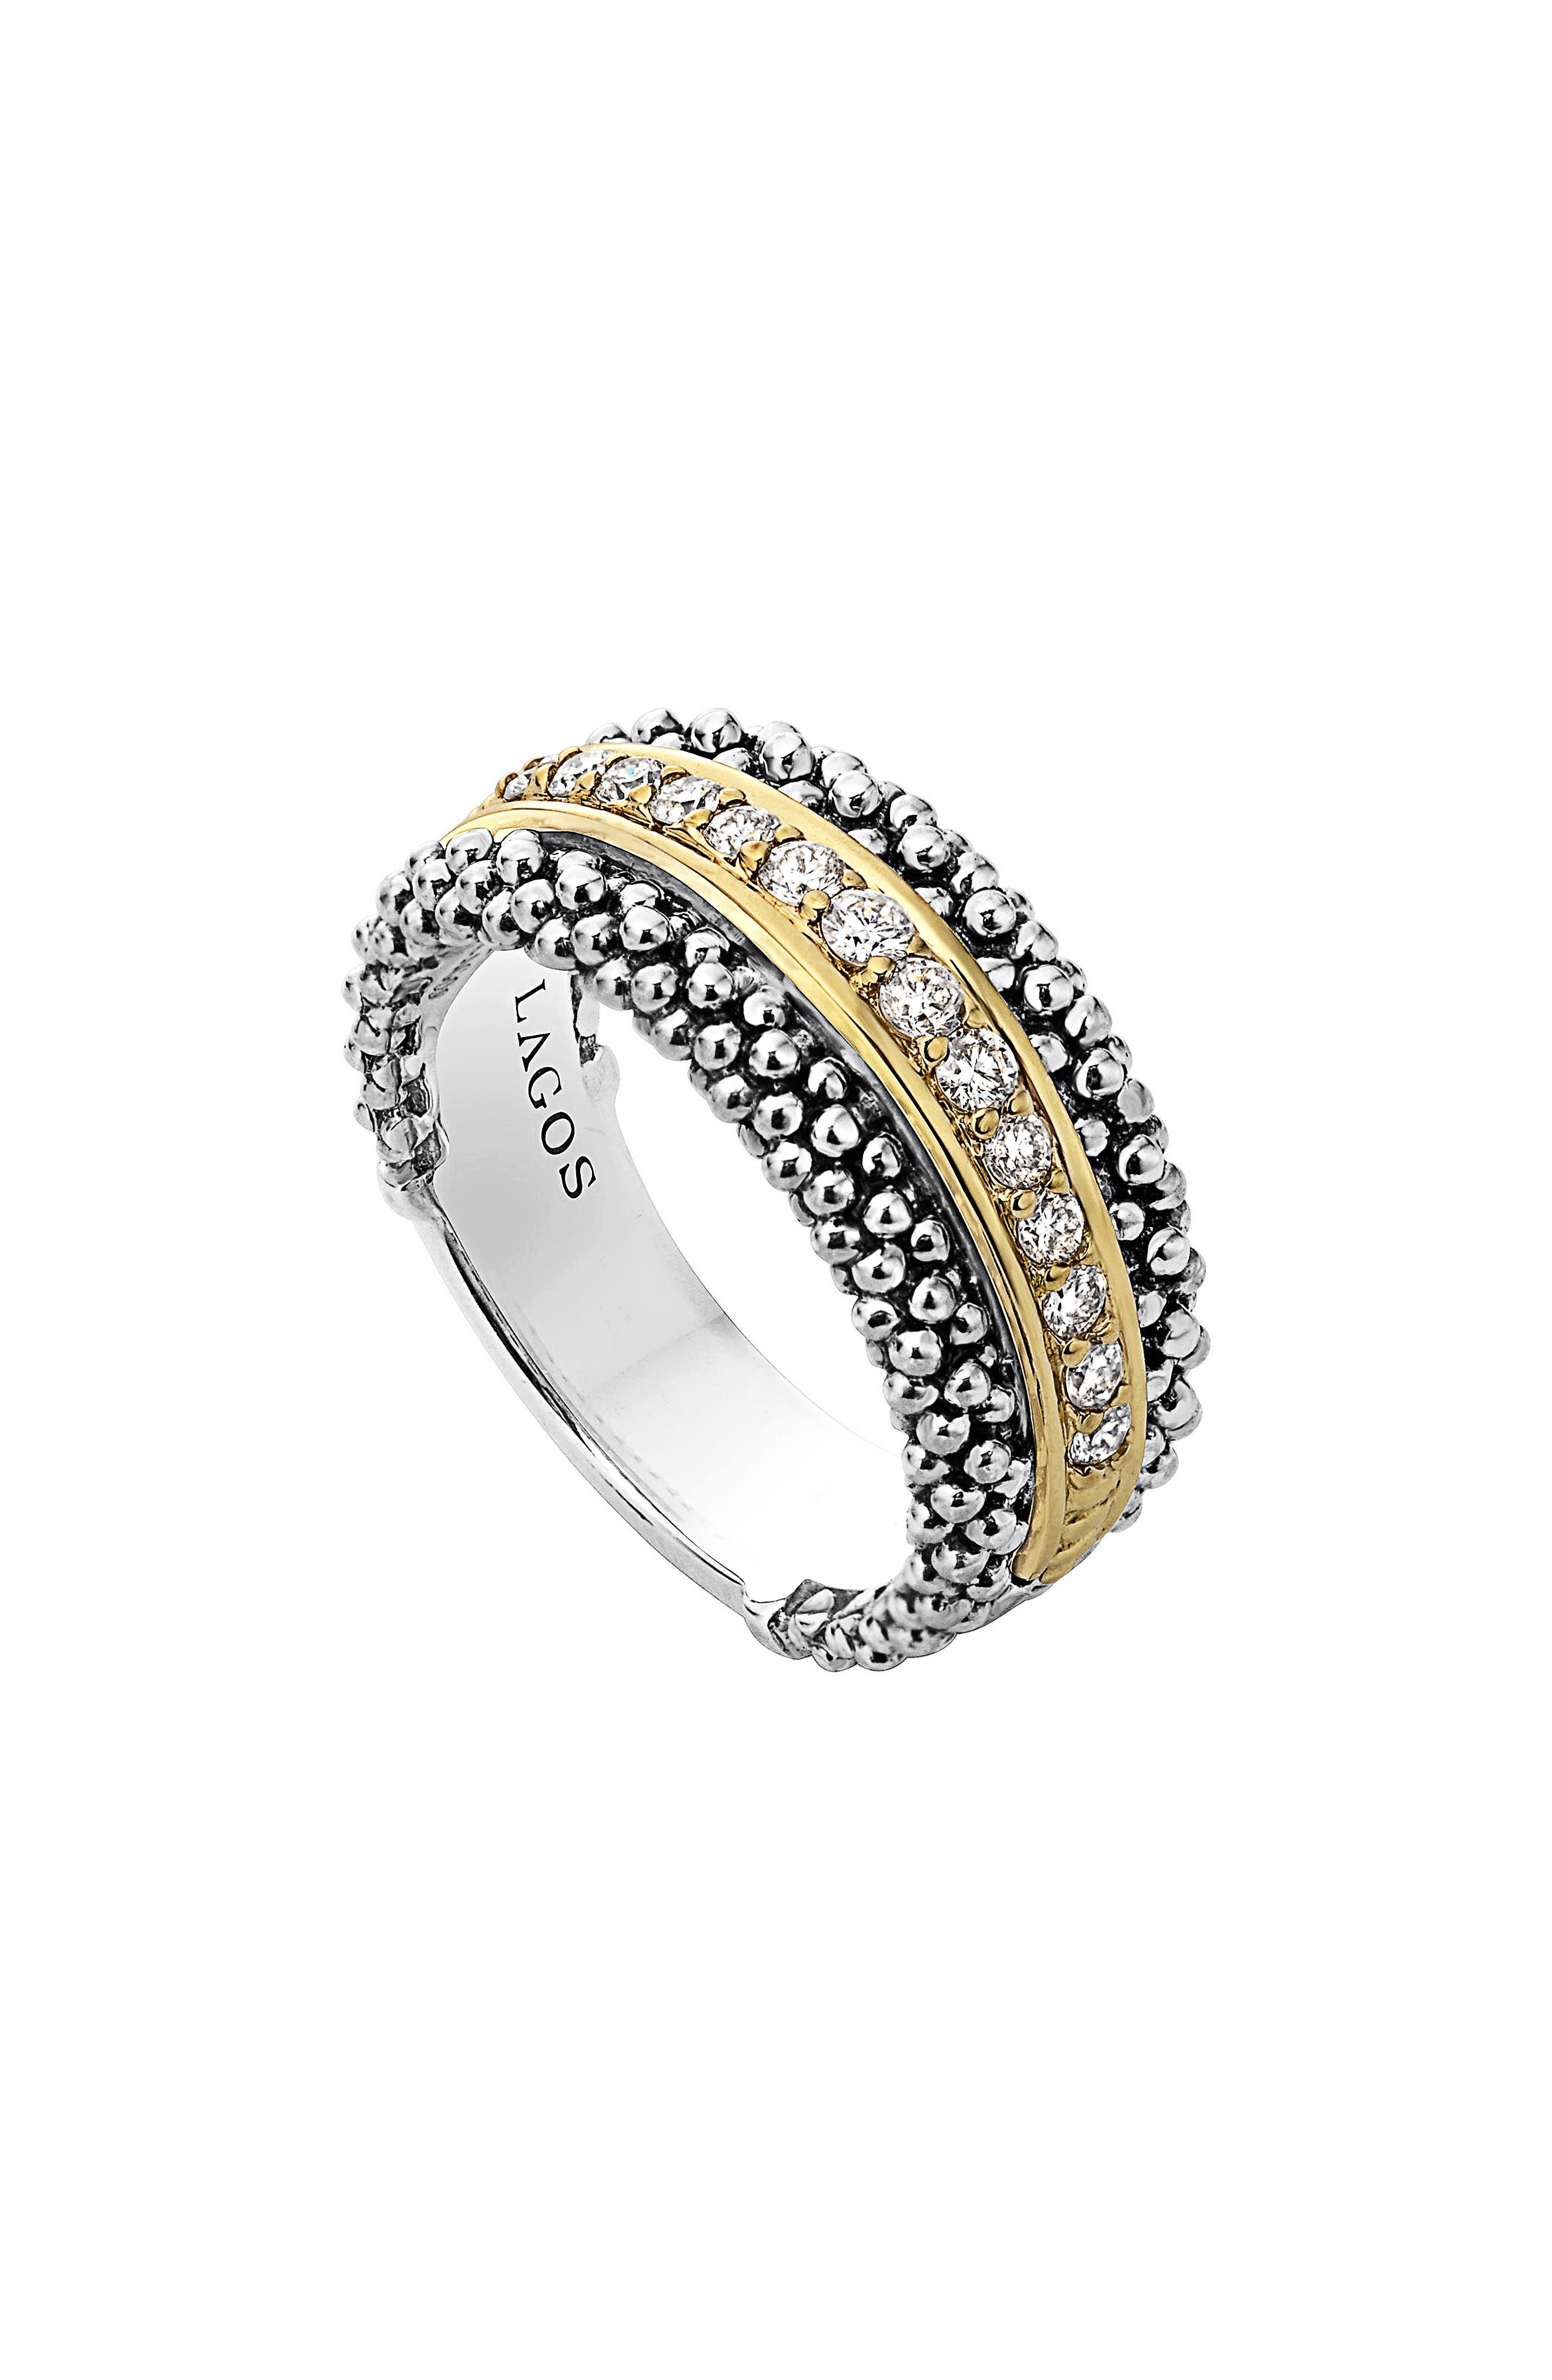 Diamonds & Caviar Ring,                         Main,                         color, Silver/ Gold